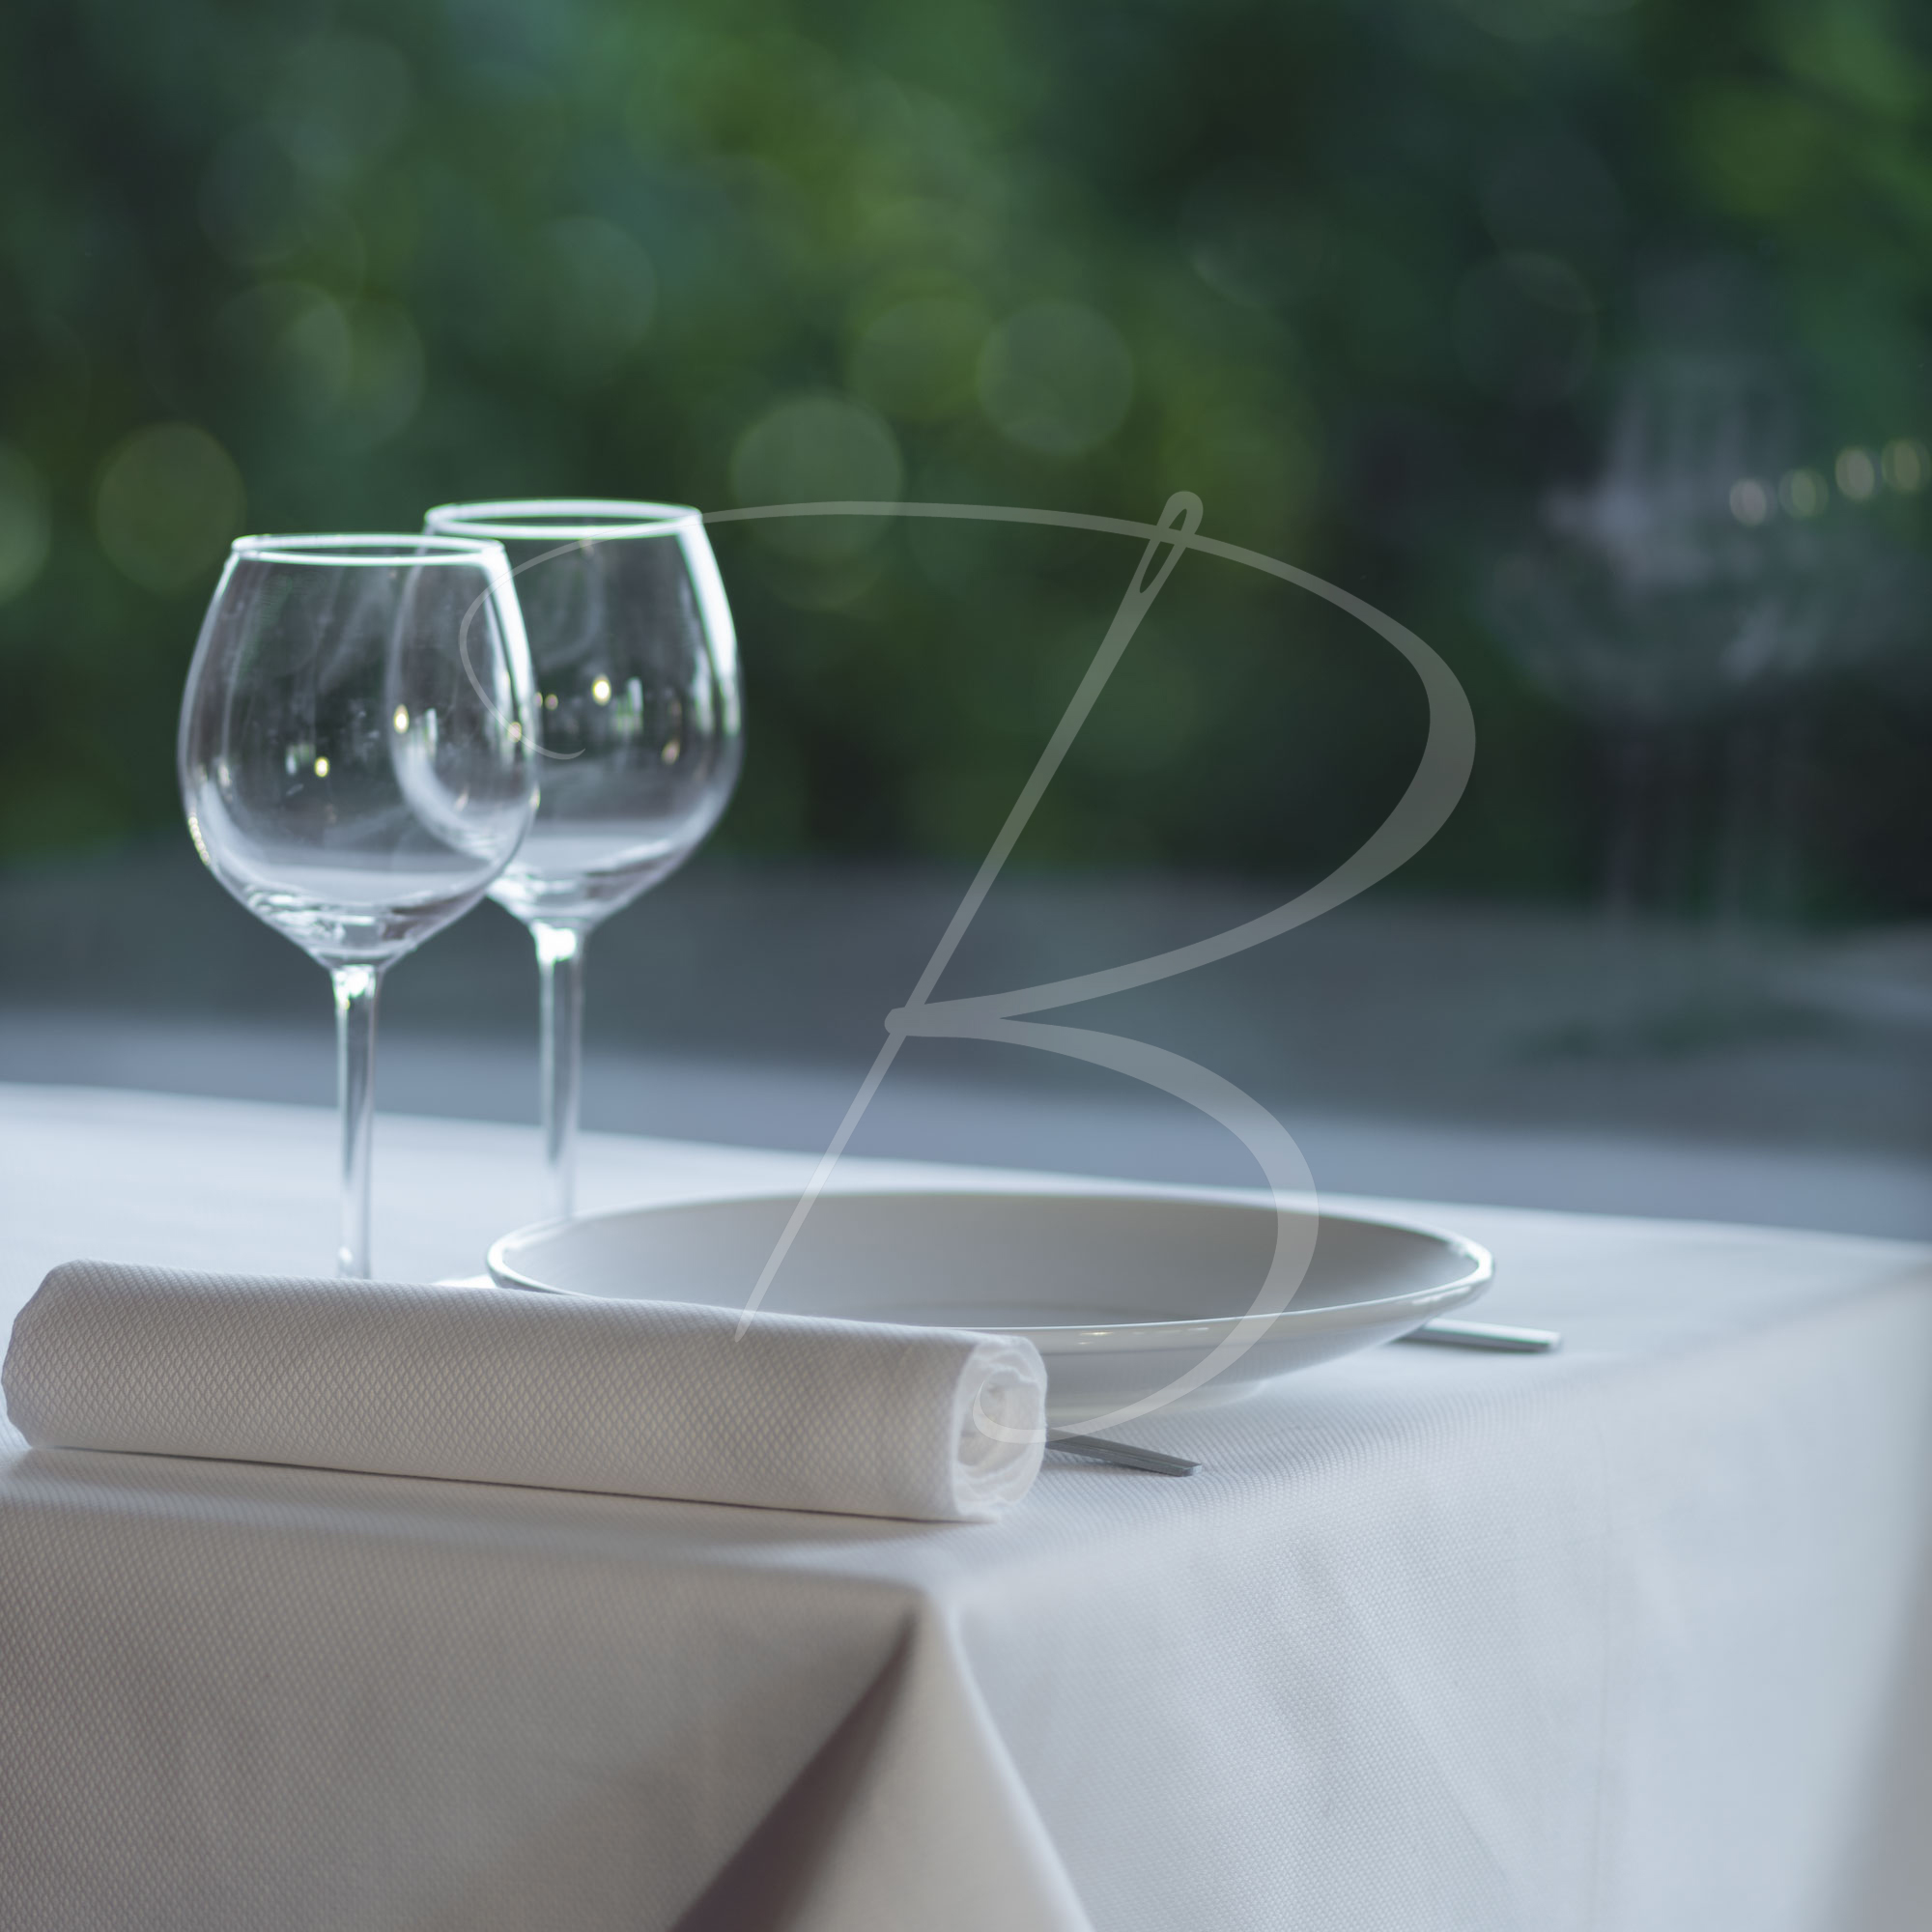 linge-table-morgon-jacquard